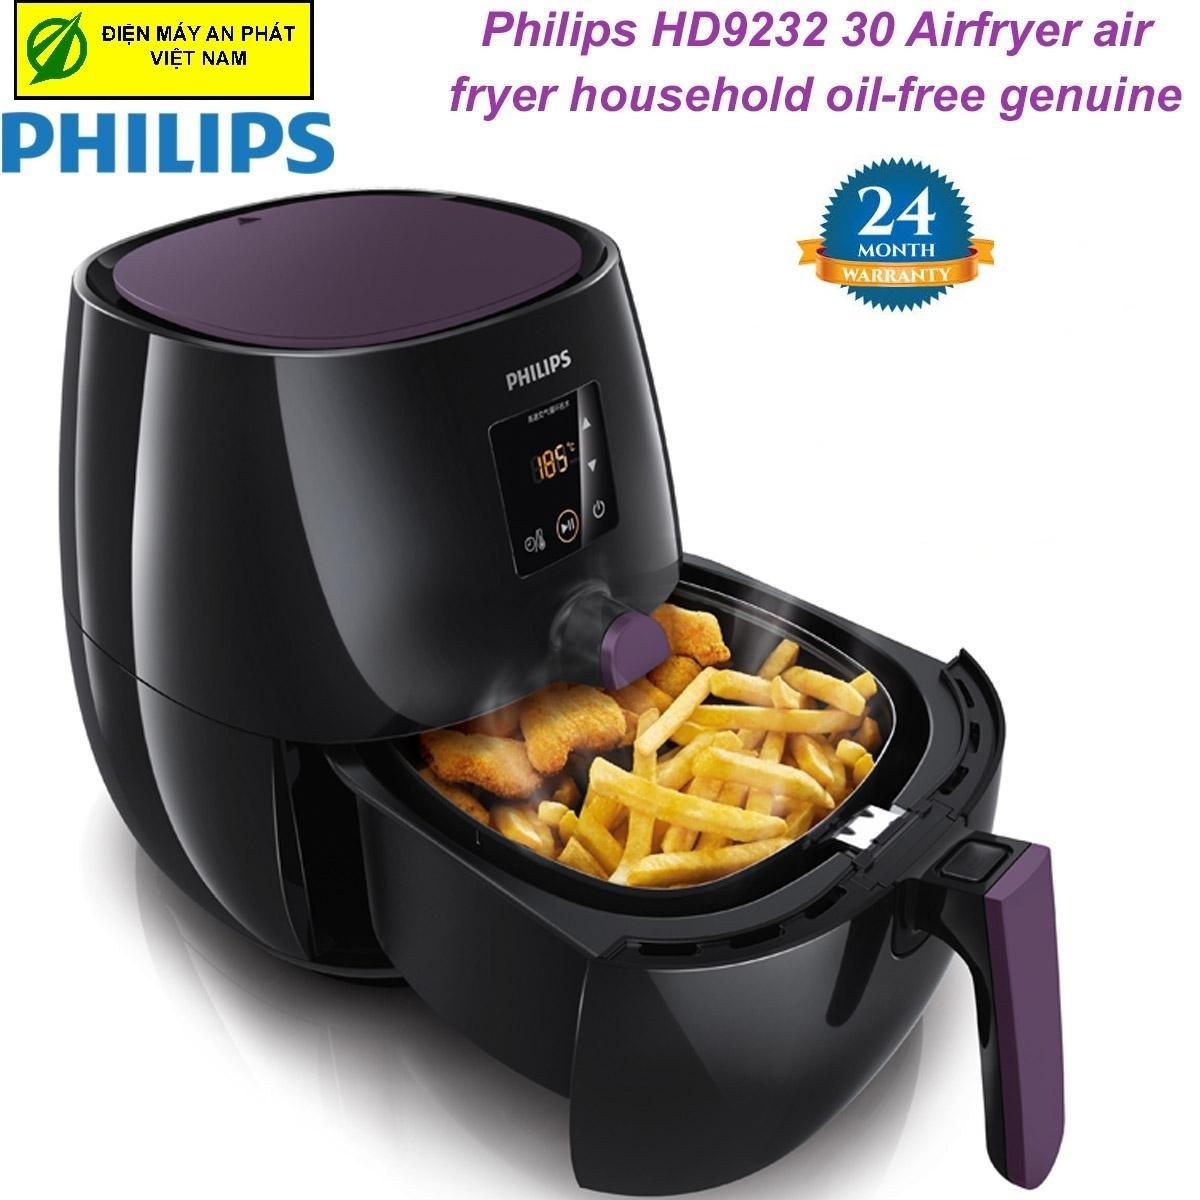 Hình ảnh Nồi chiên, nướng không khí điện tử đa năng Philips HD9232 – Nhập khẩu